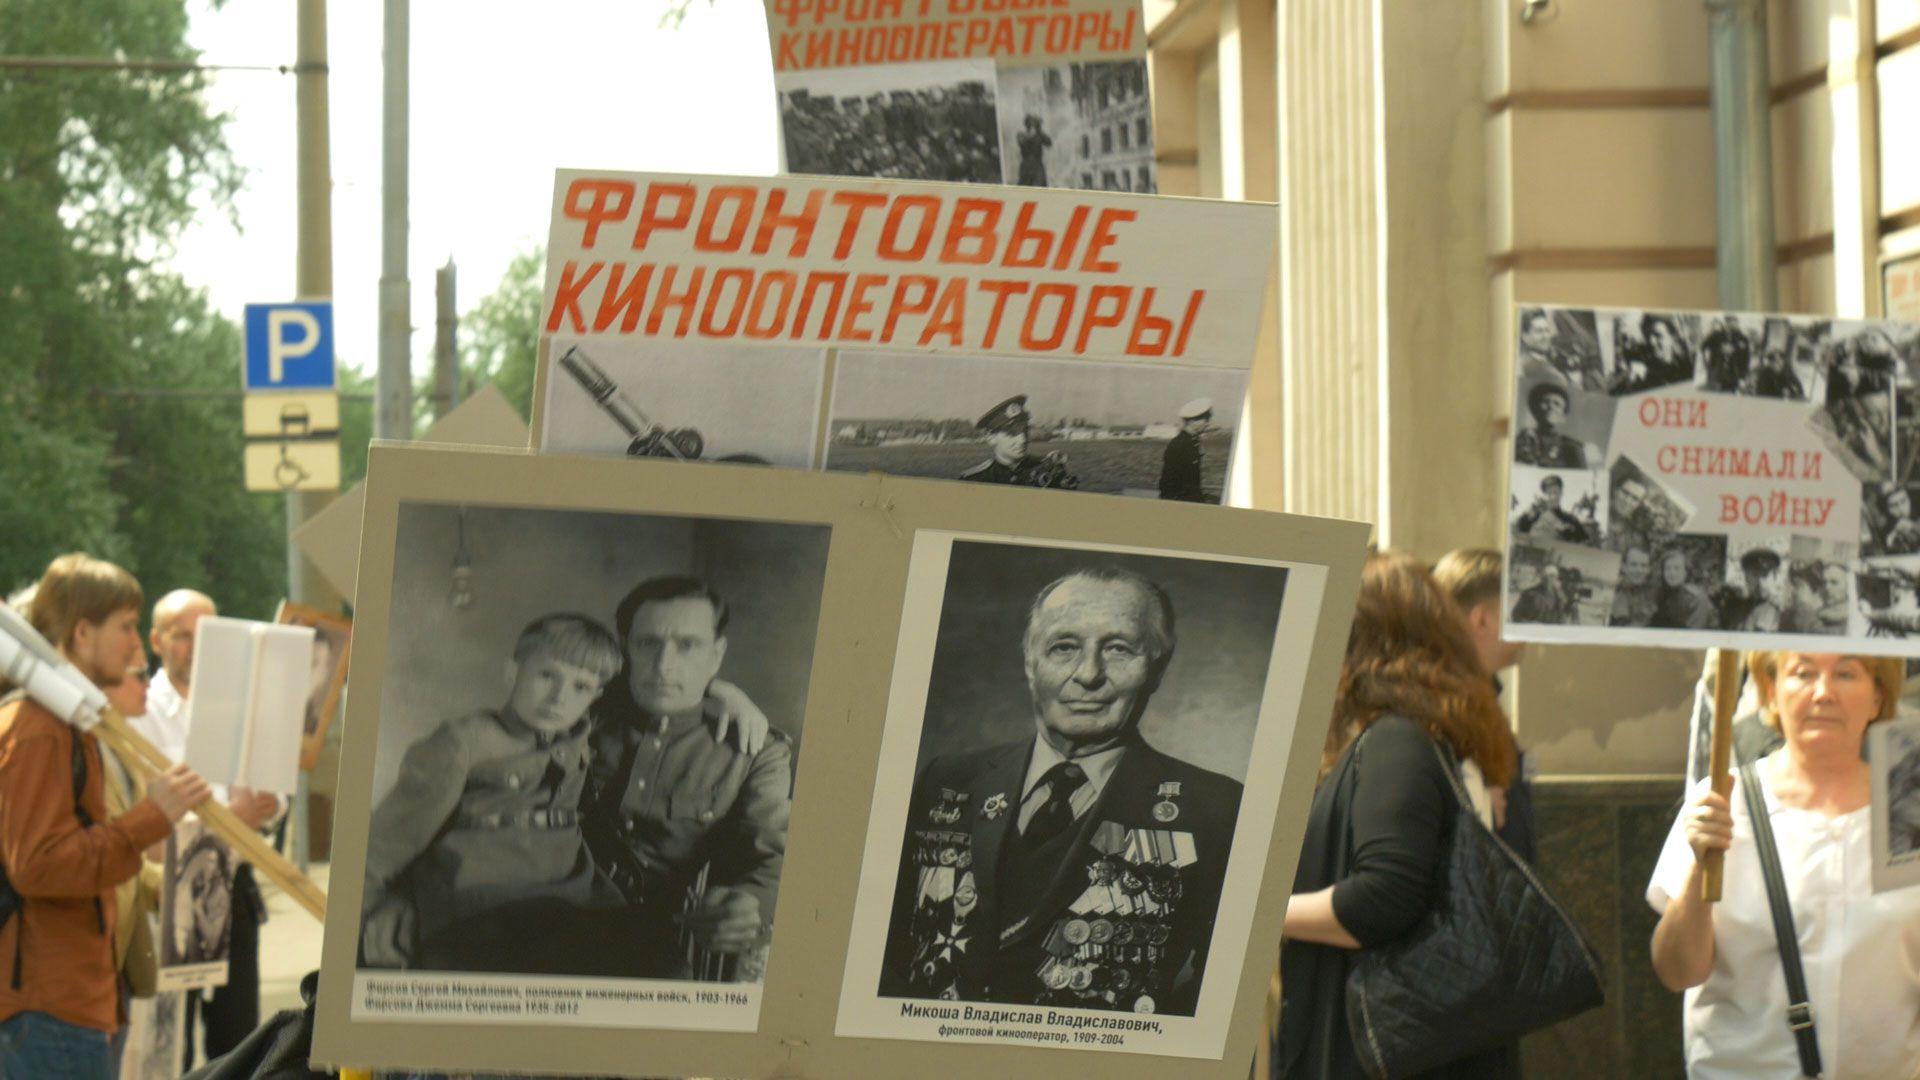 Экспонат №3. Джемма Фирсова и Владиcлав Микоша